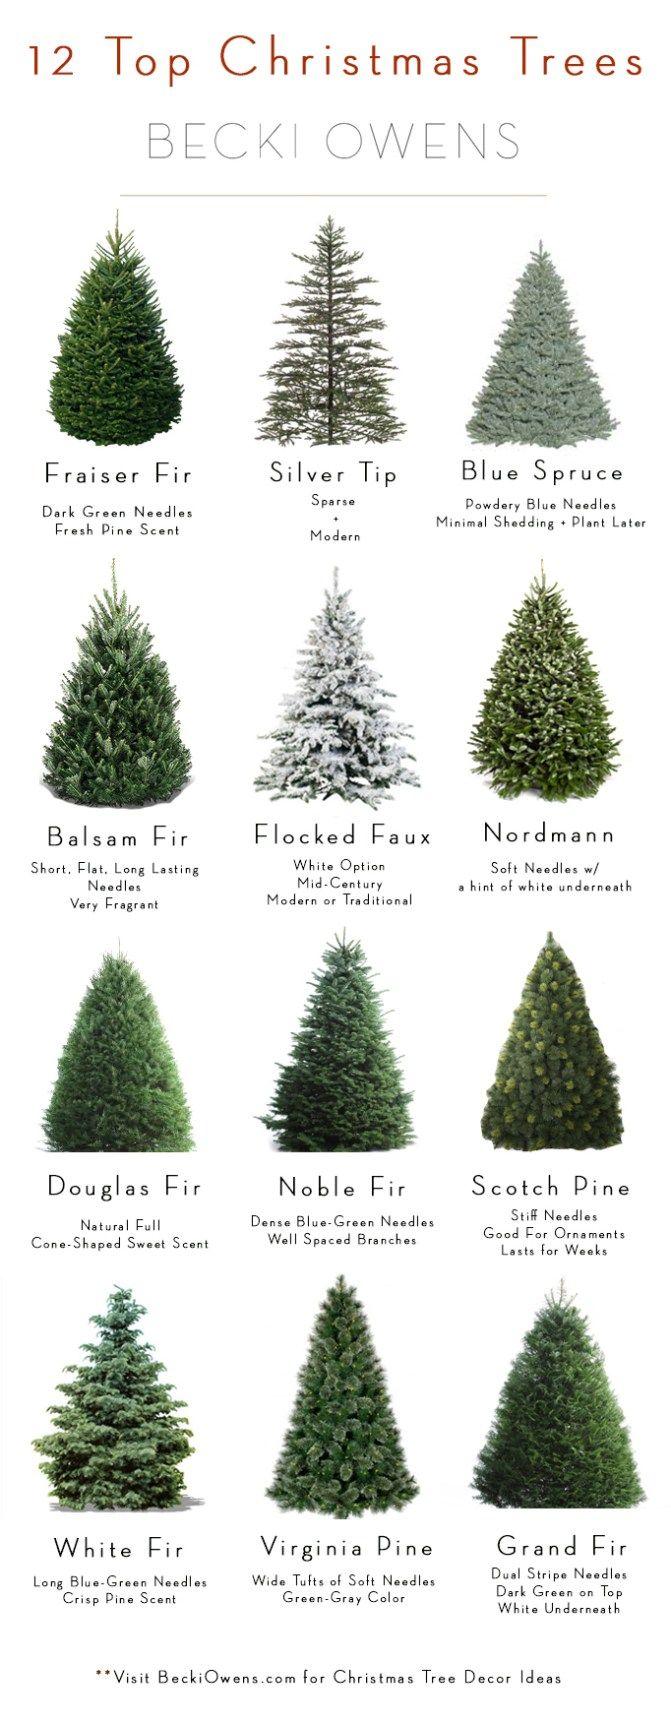 7 Christmas Tree Inspirations Tree Guide Becki Owens Real Christmas Tree Christmas Tree Guide Types Of Christmas Trees